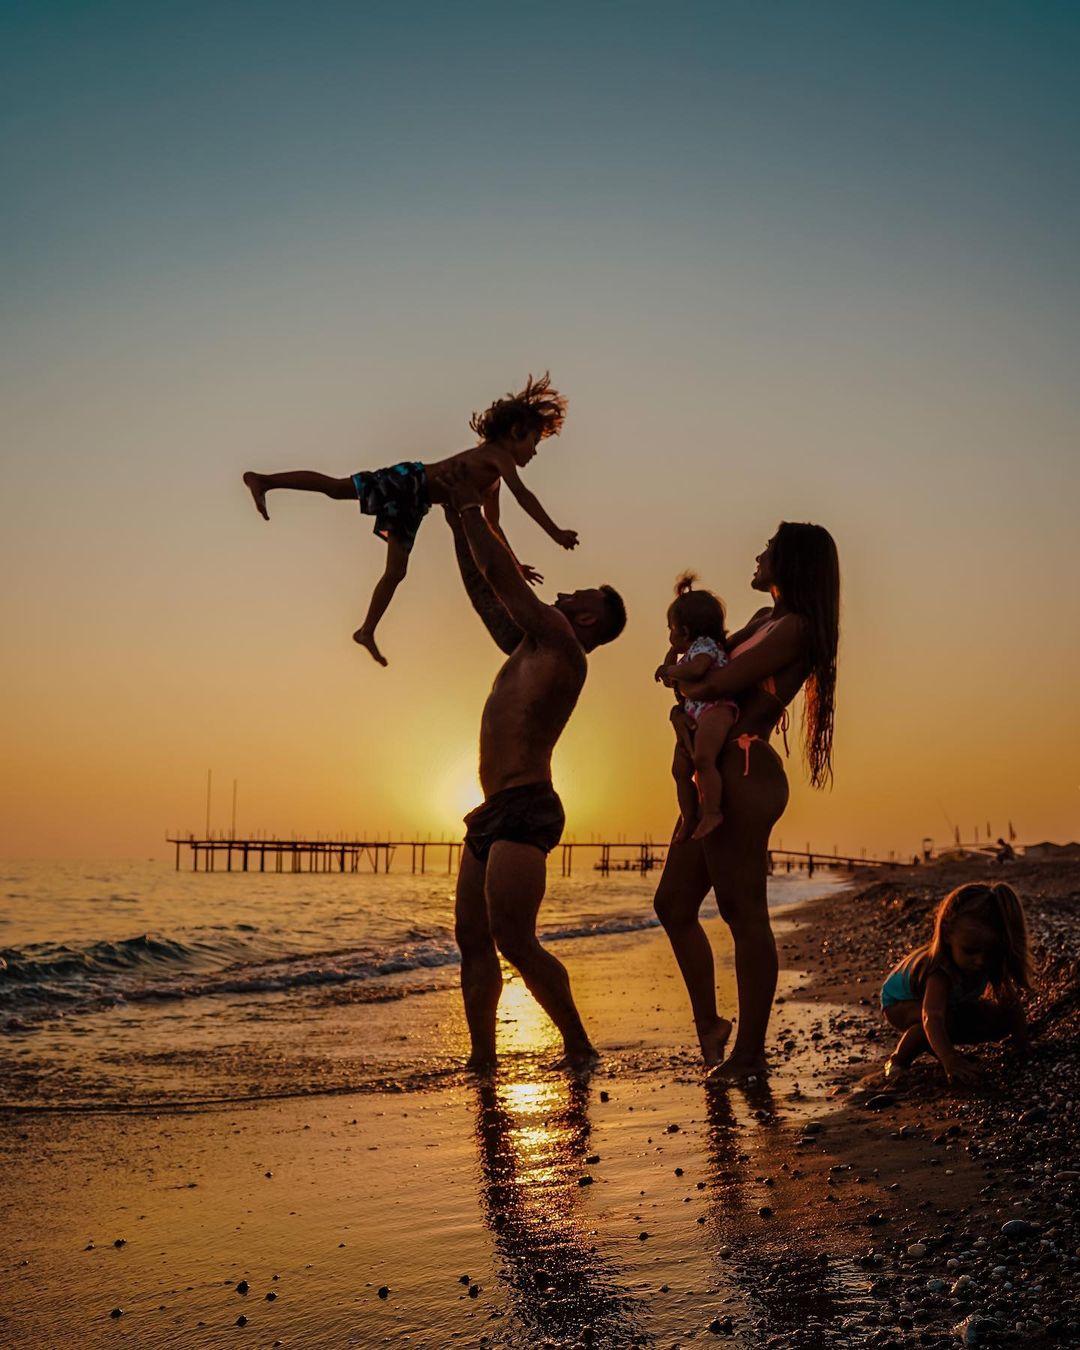 Дмитрий Стужук подбрасывает ребенка вместе с Софией Стужук на фоне заката